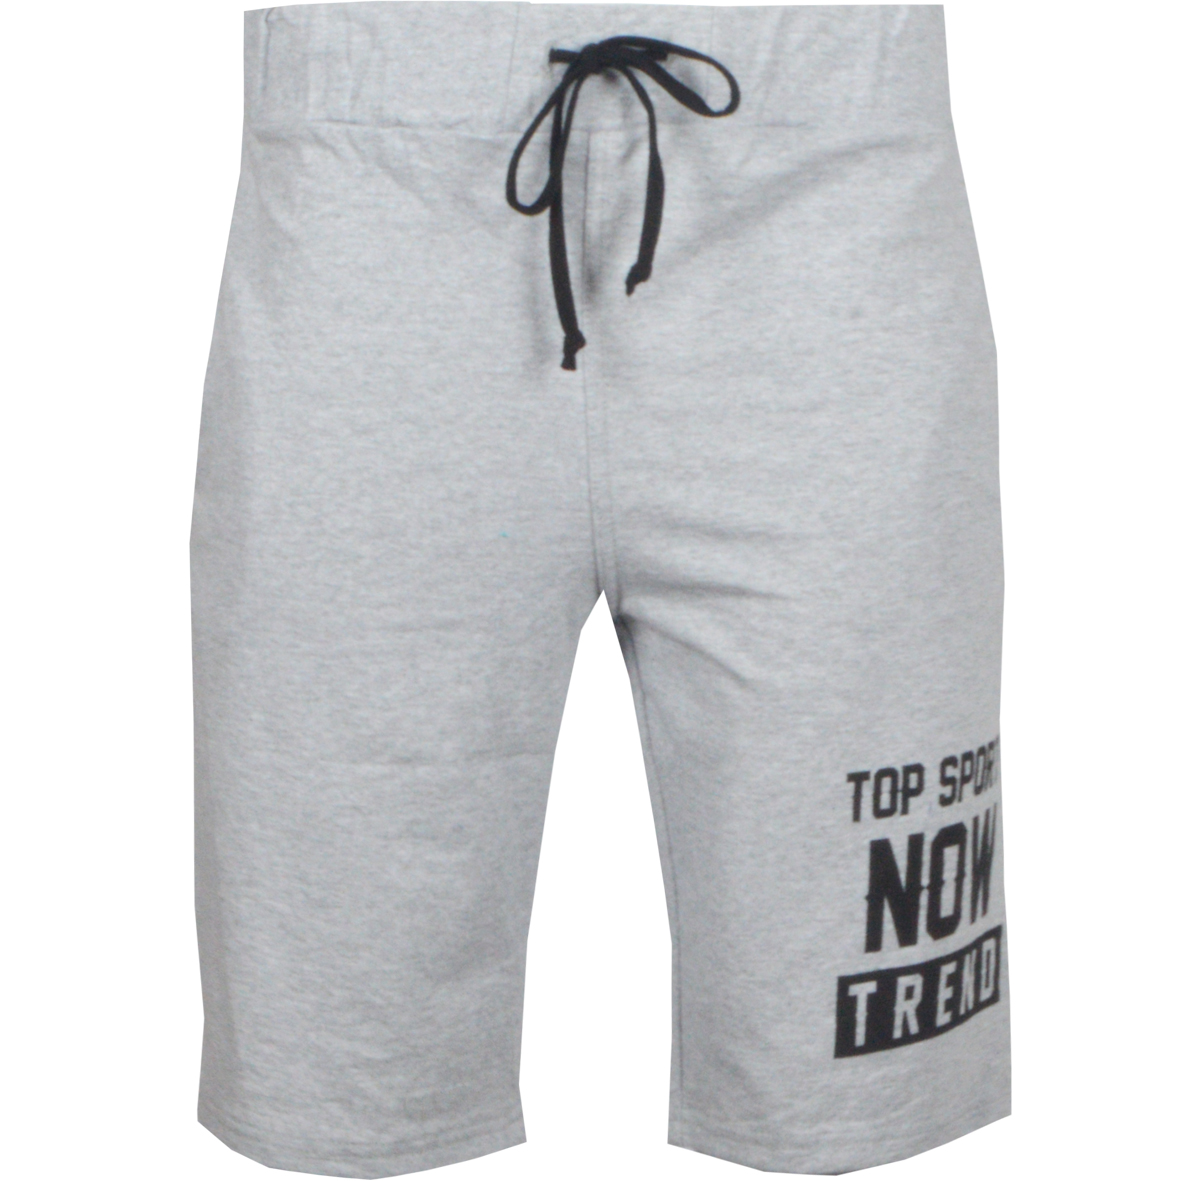 Ανδρική Βερμούδα Top Sports αρχική ανδρικά ρούχα επιλογή ανά προϊόν βερμούδες